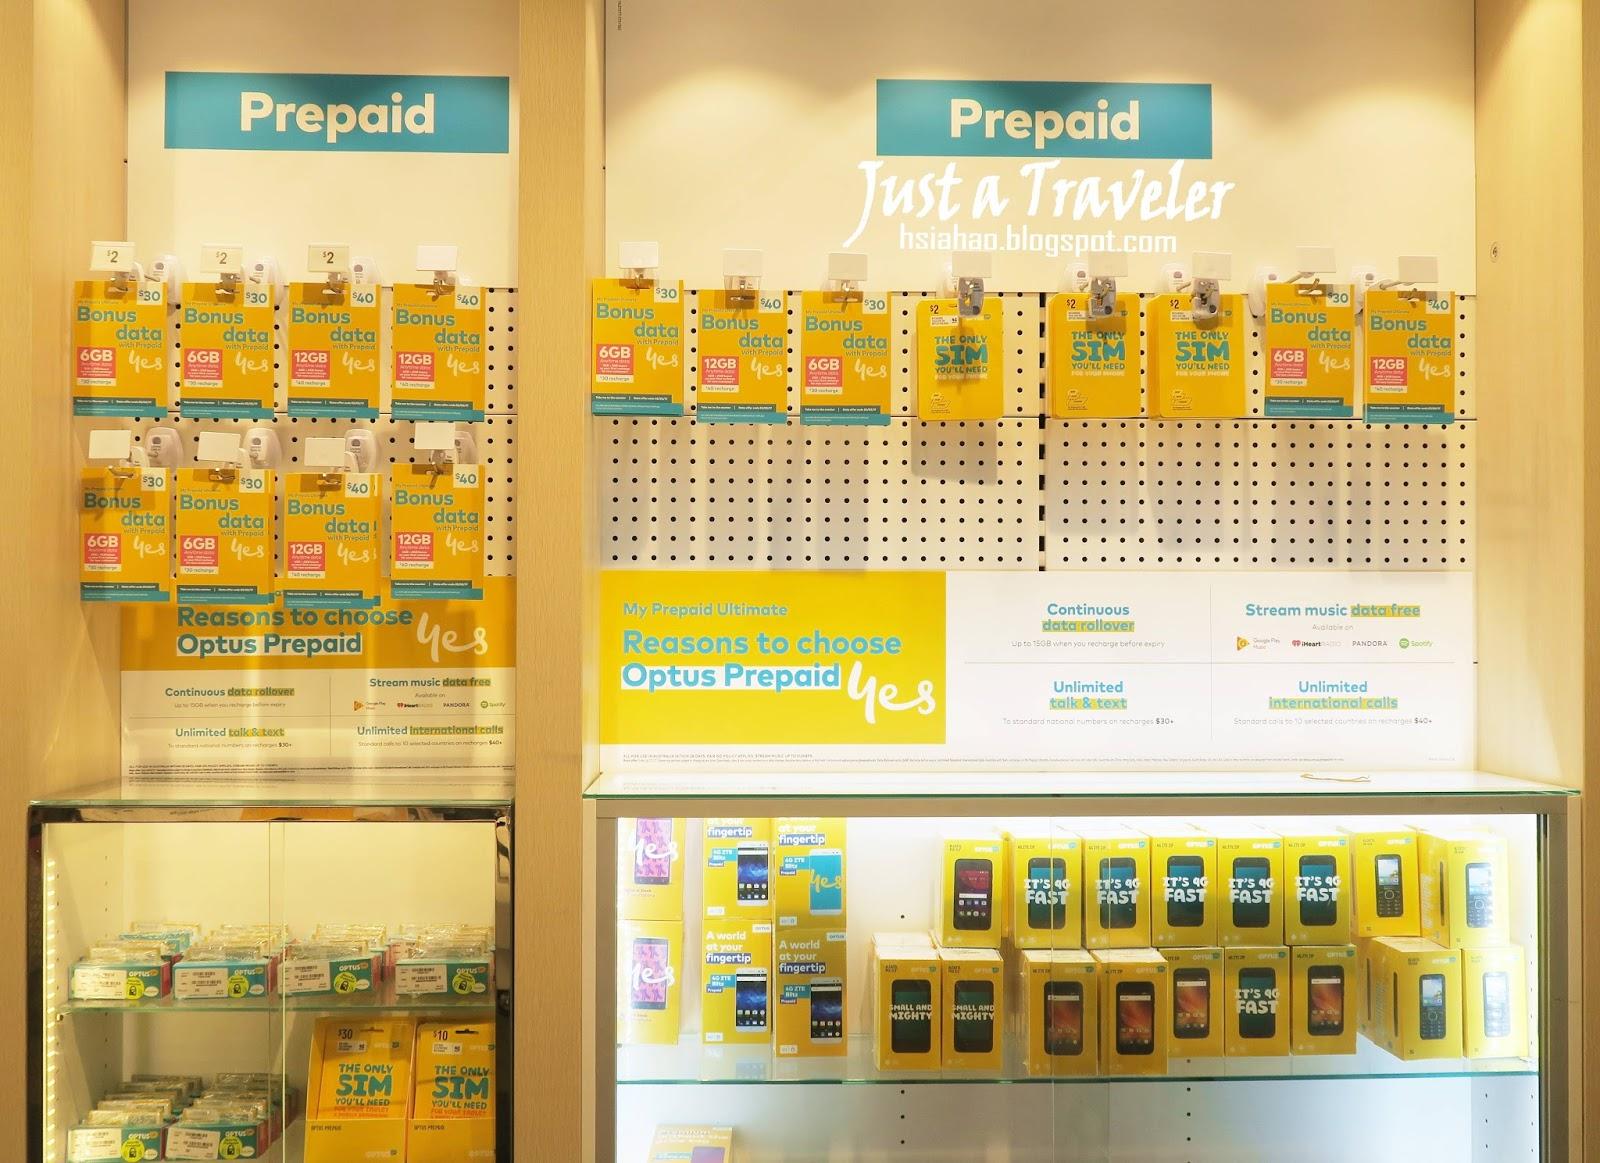 澳洲-澳洲網路-澳洲上網-澳洲SIM卡-預付卡-超市-店面-門市-Australia-Telecom-Internet-Prepaid-Card-Supermarket-Store